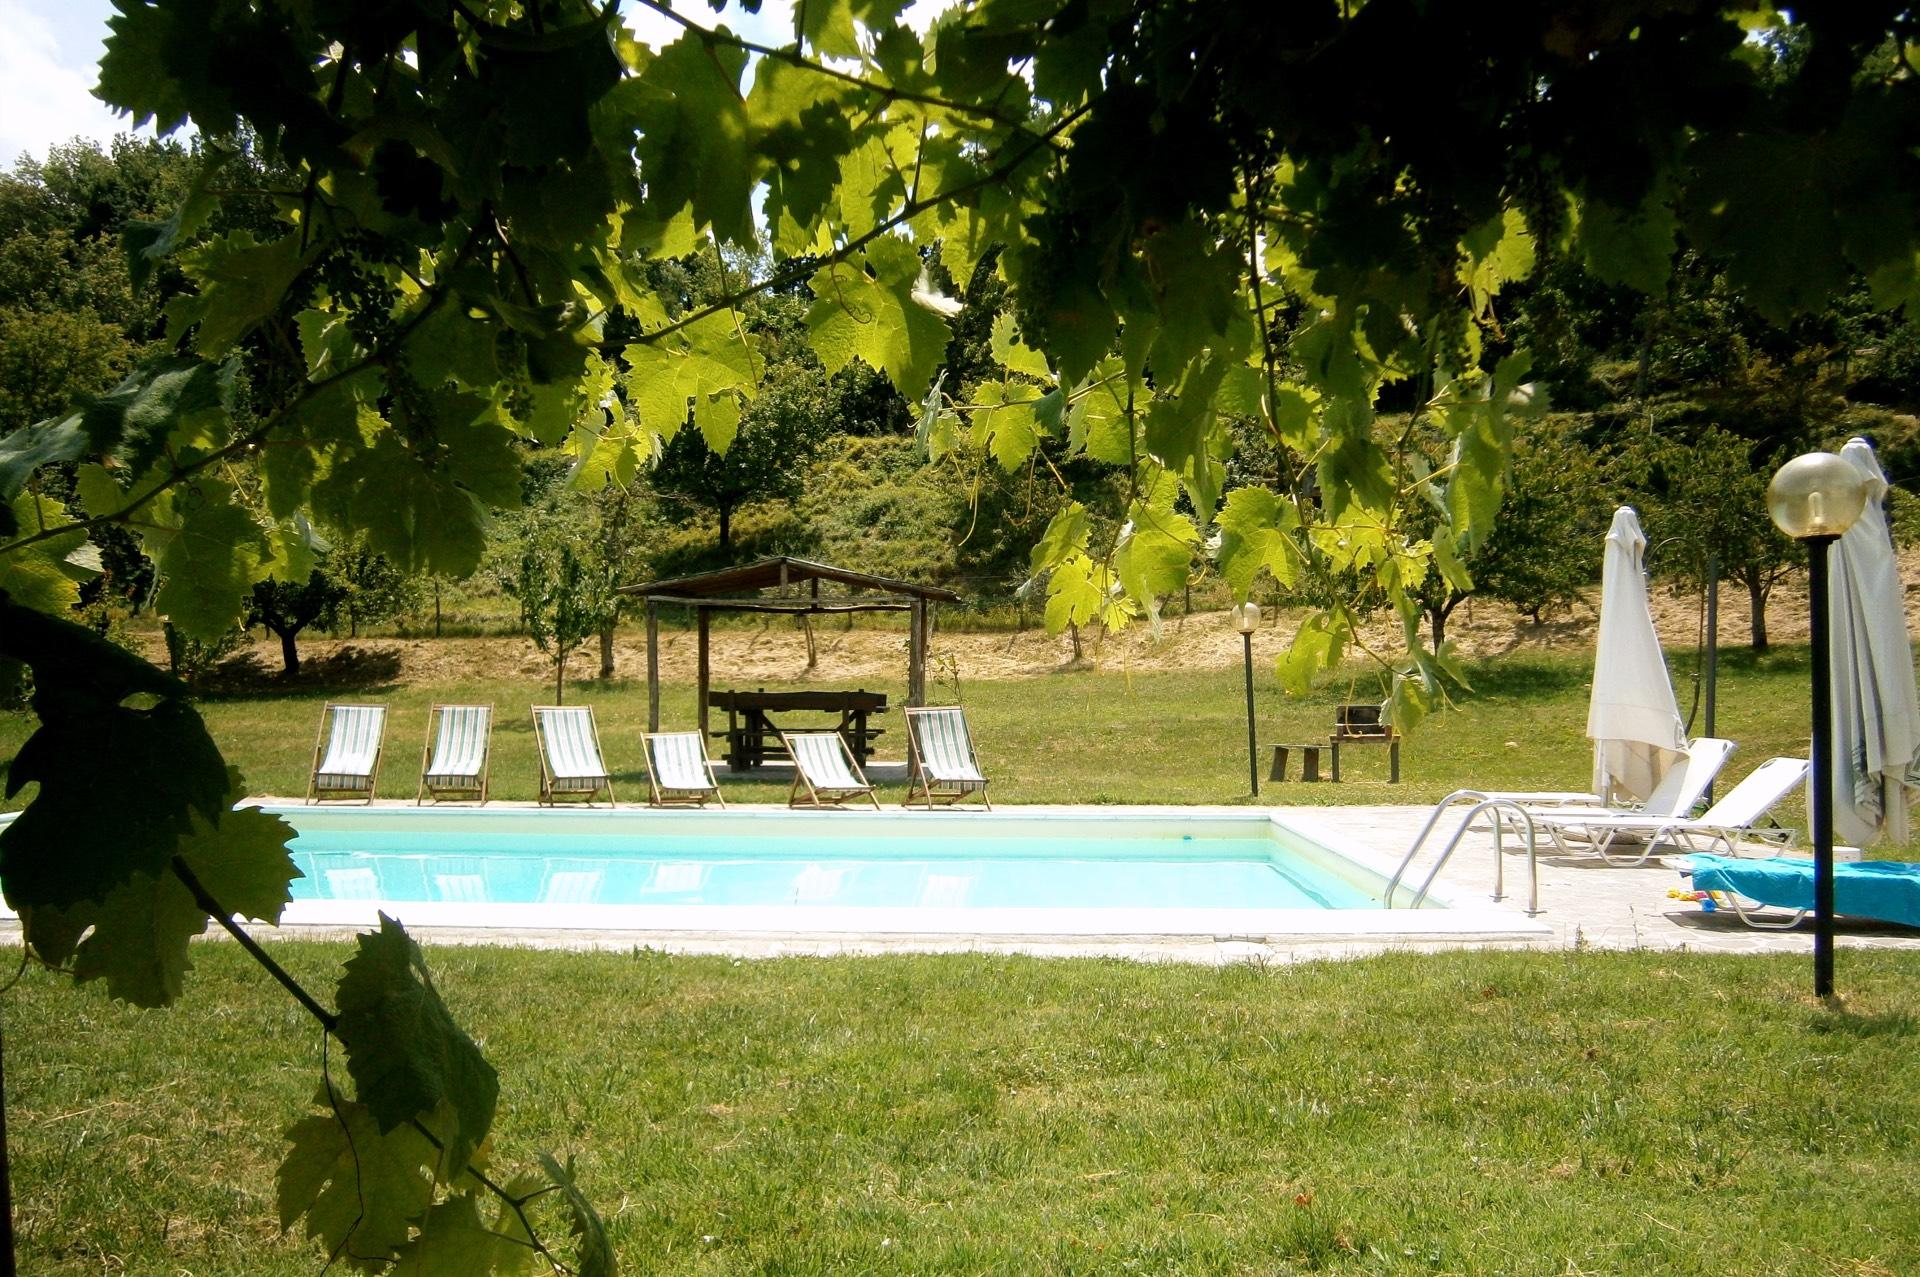 La piscina esterna, nel giardino dell'agriturismo Il Muretto, Mugello